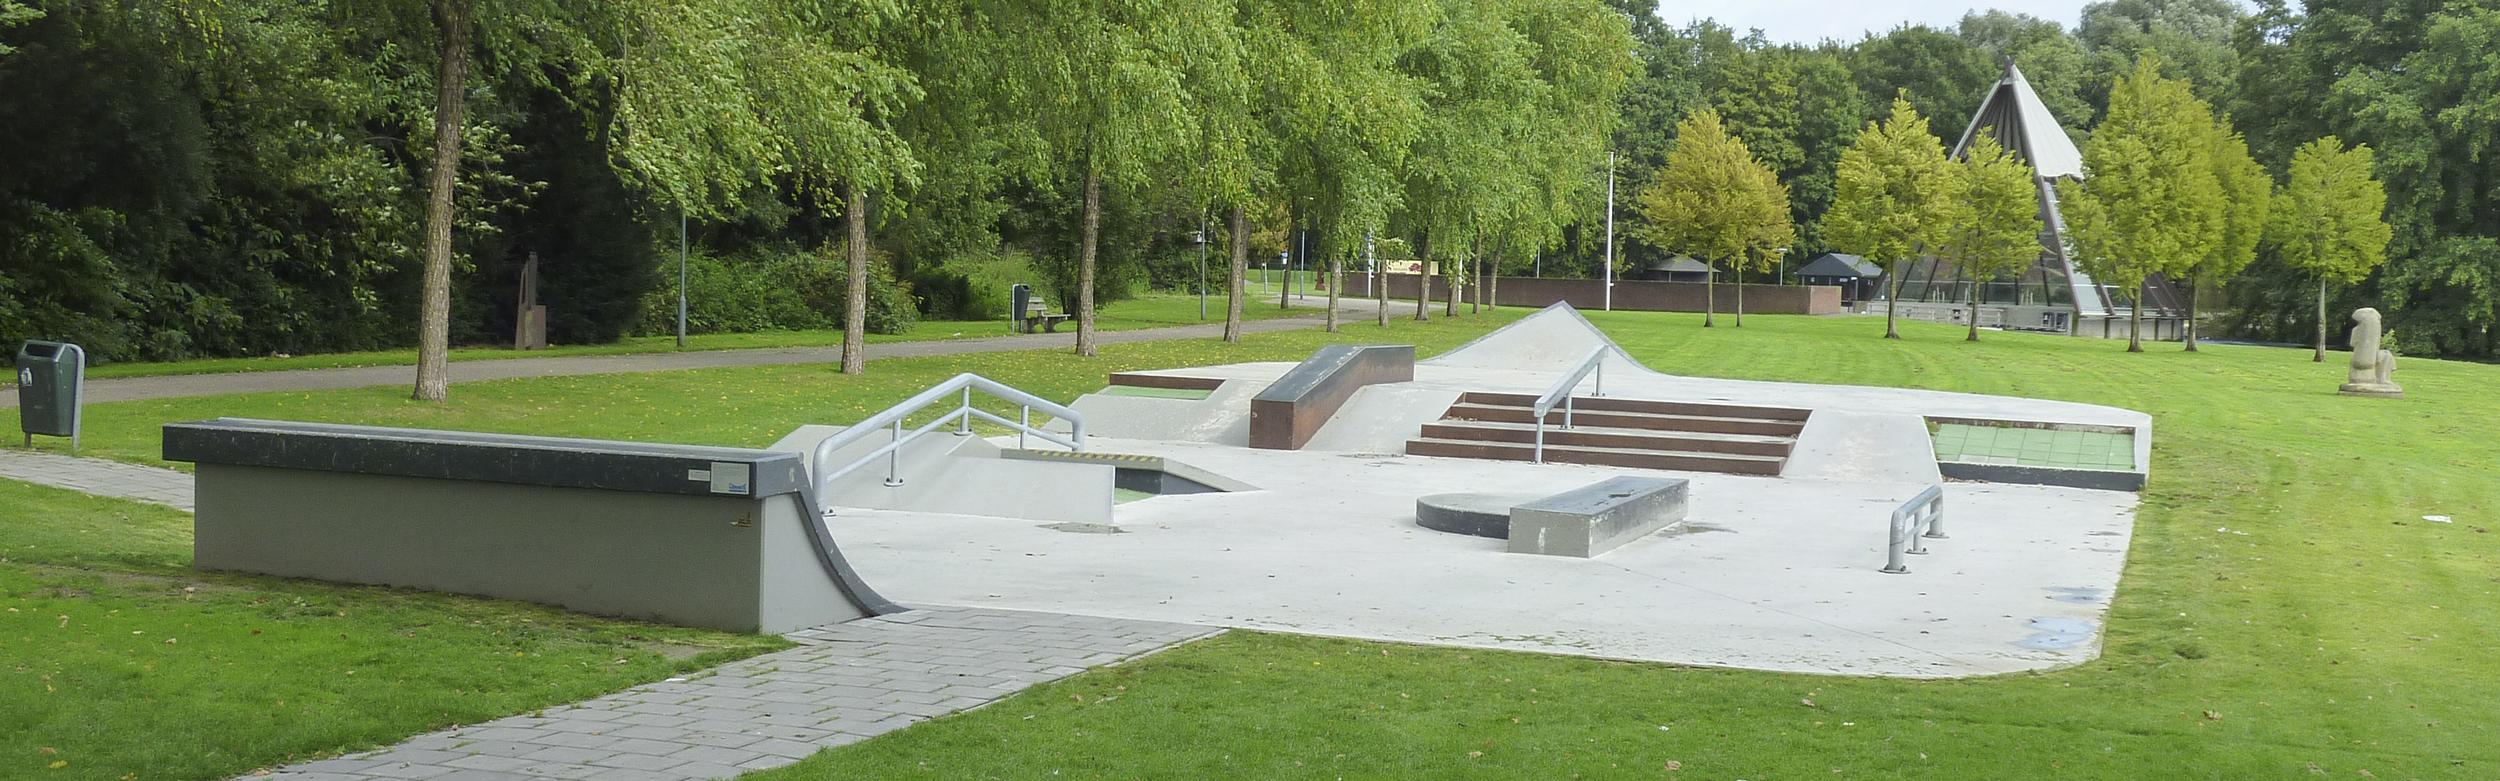 Stiphout-Warande-Banner-005.JPG